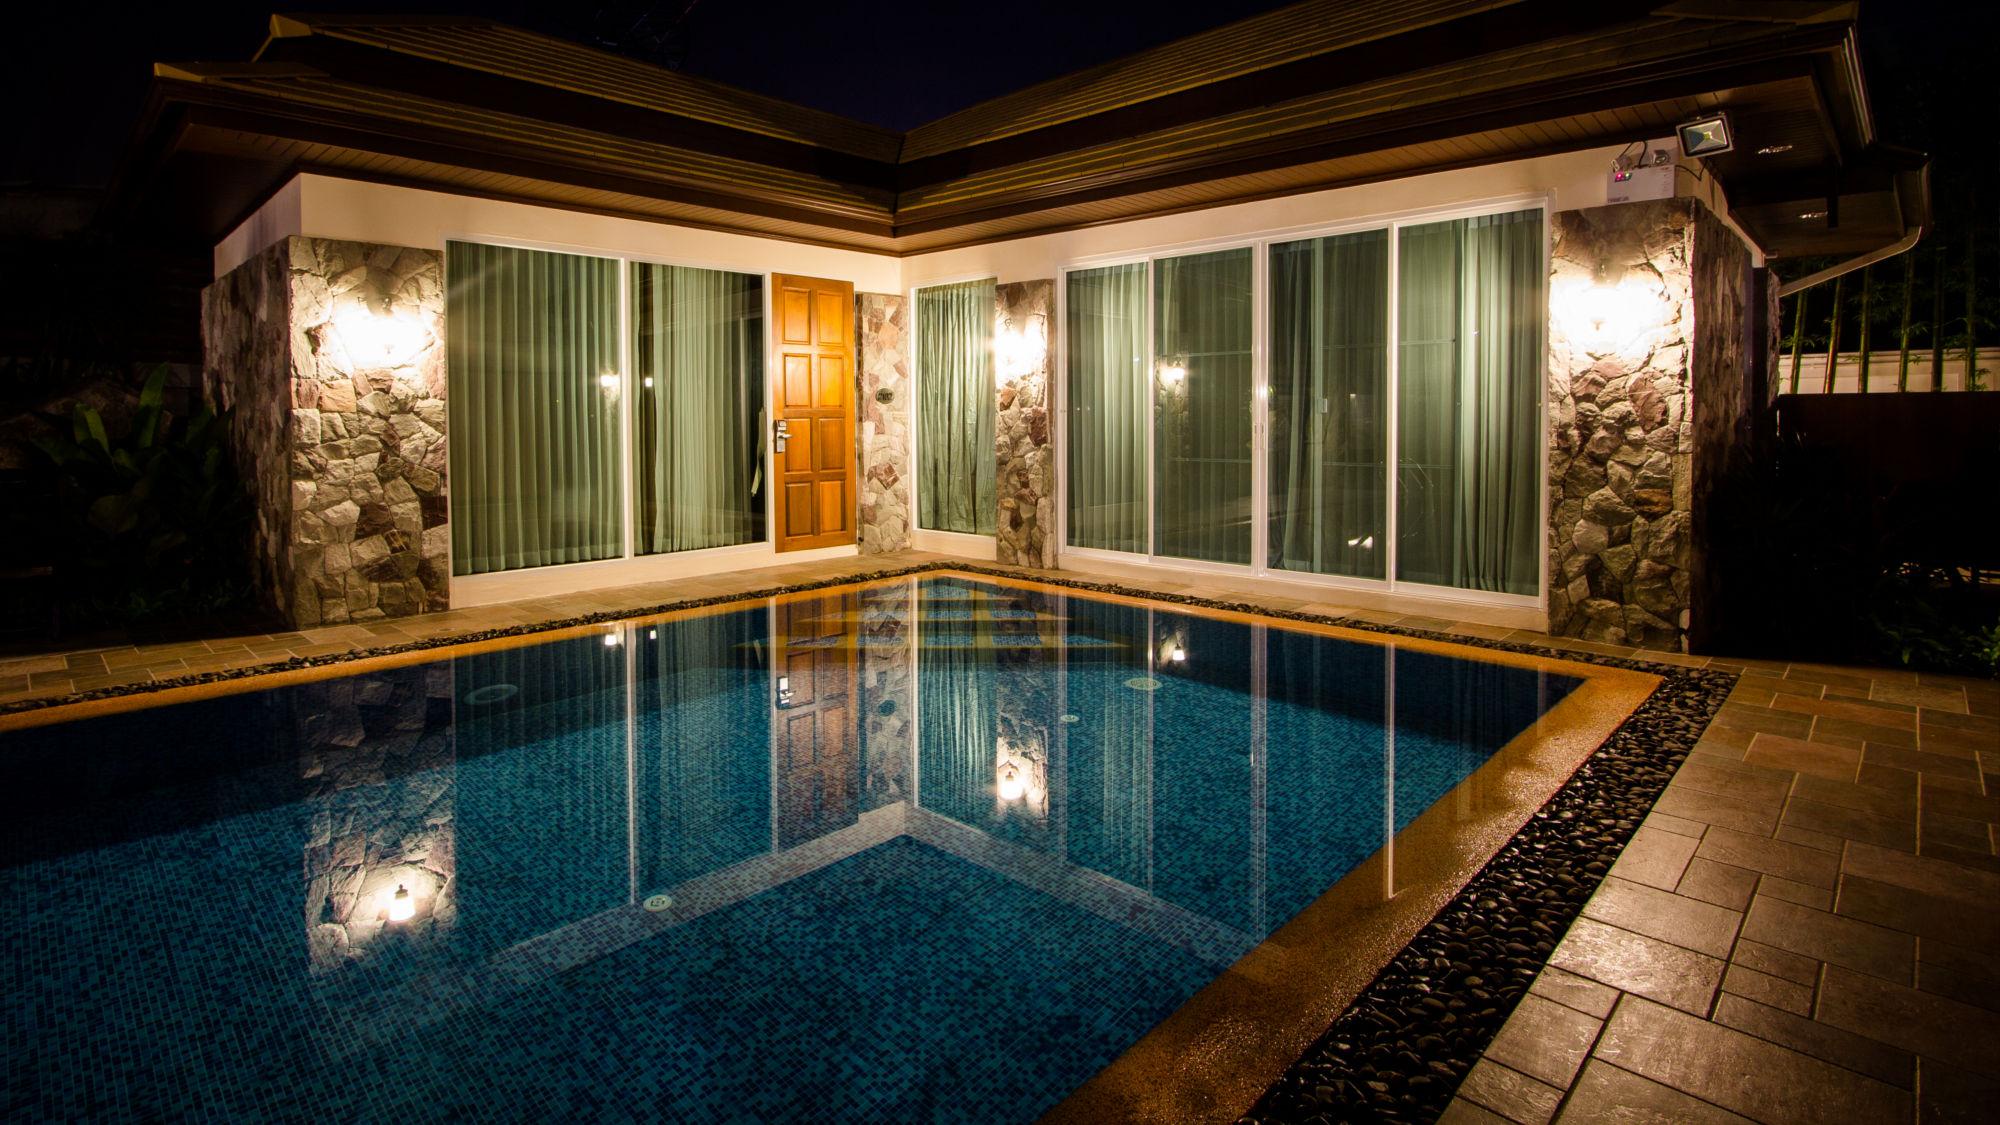 โรงแรมบางแสน ภูเพลสส์วิลล่า